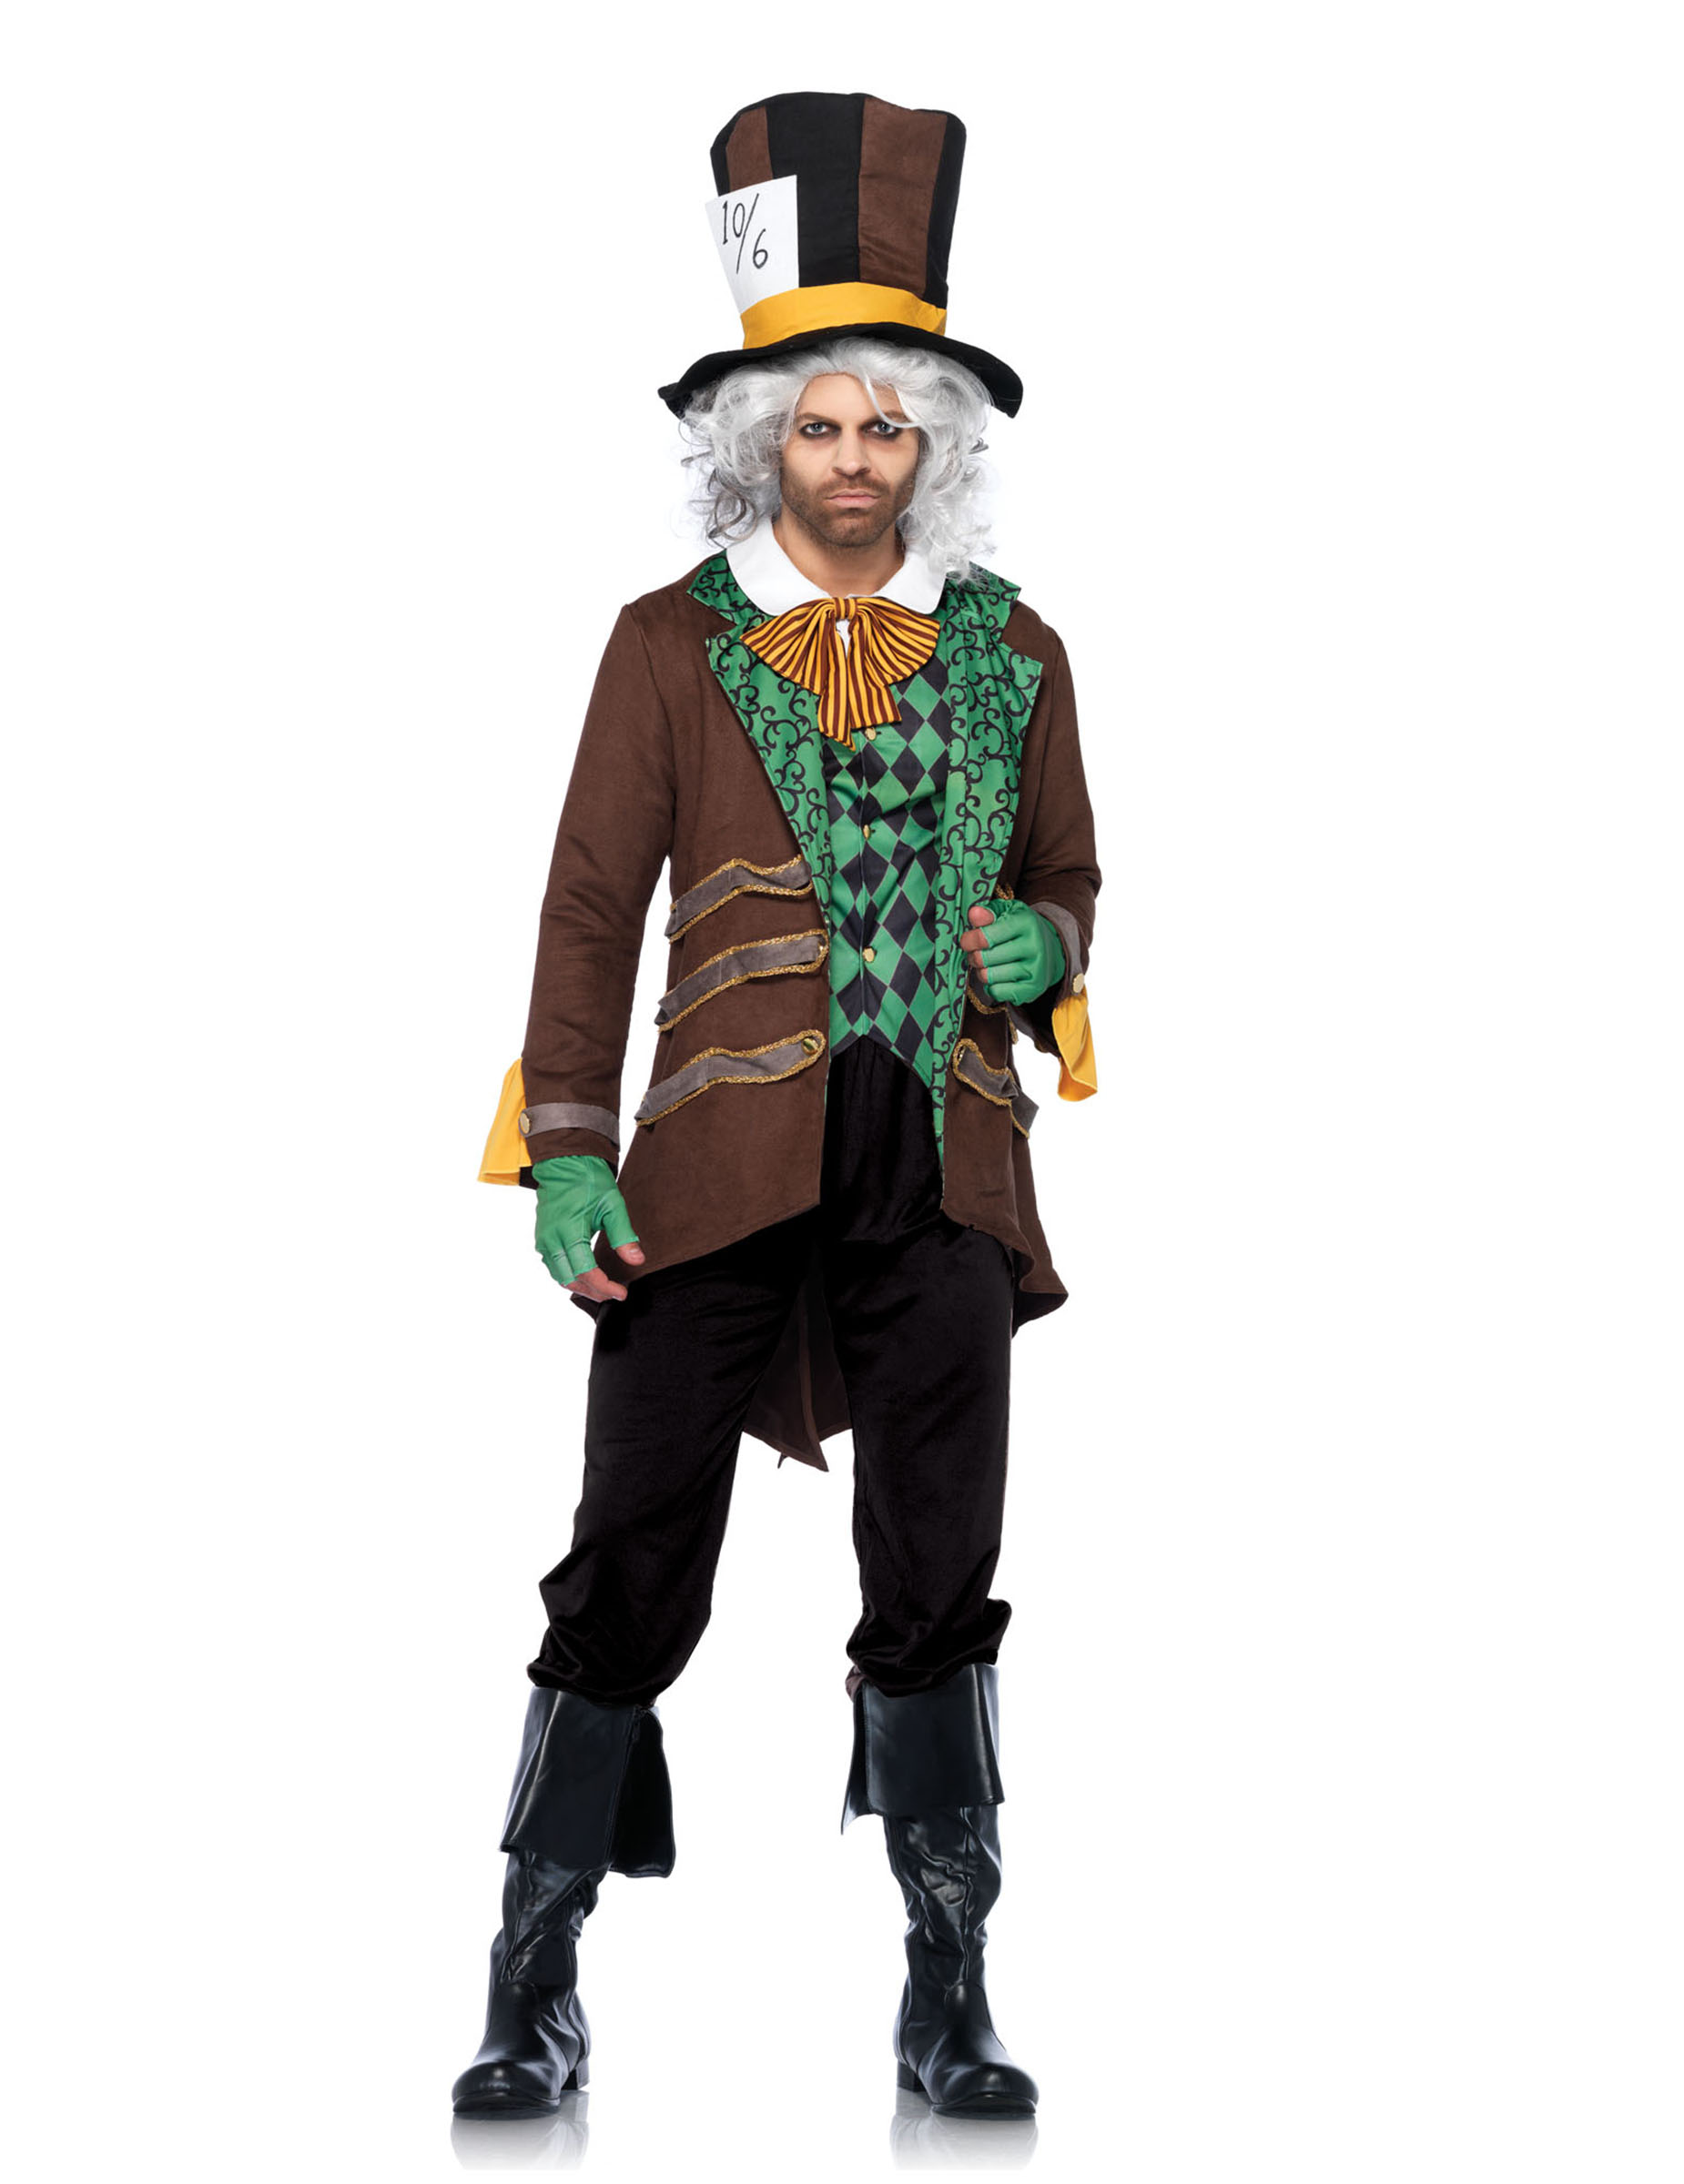 Verruckter Hutmacher Kostum Marchen Braun Grun Gunstige Faschings